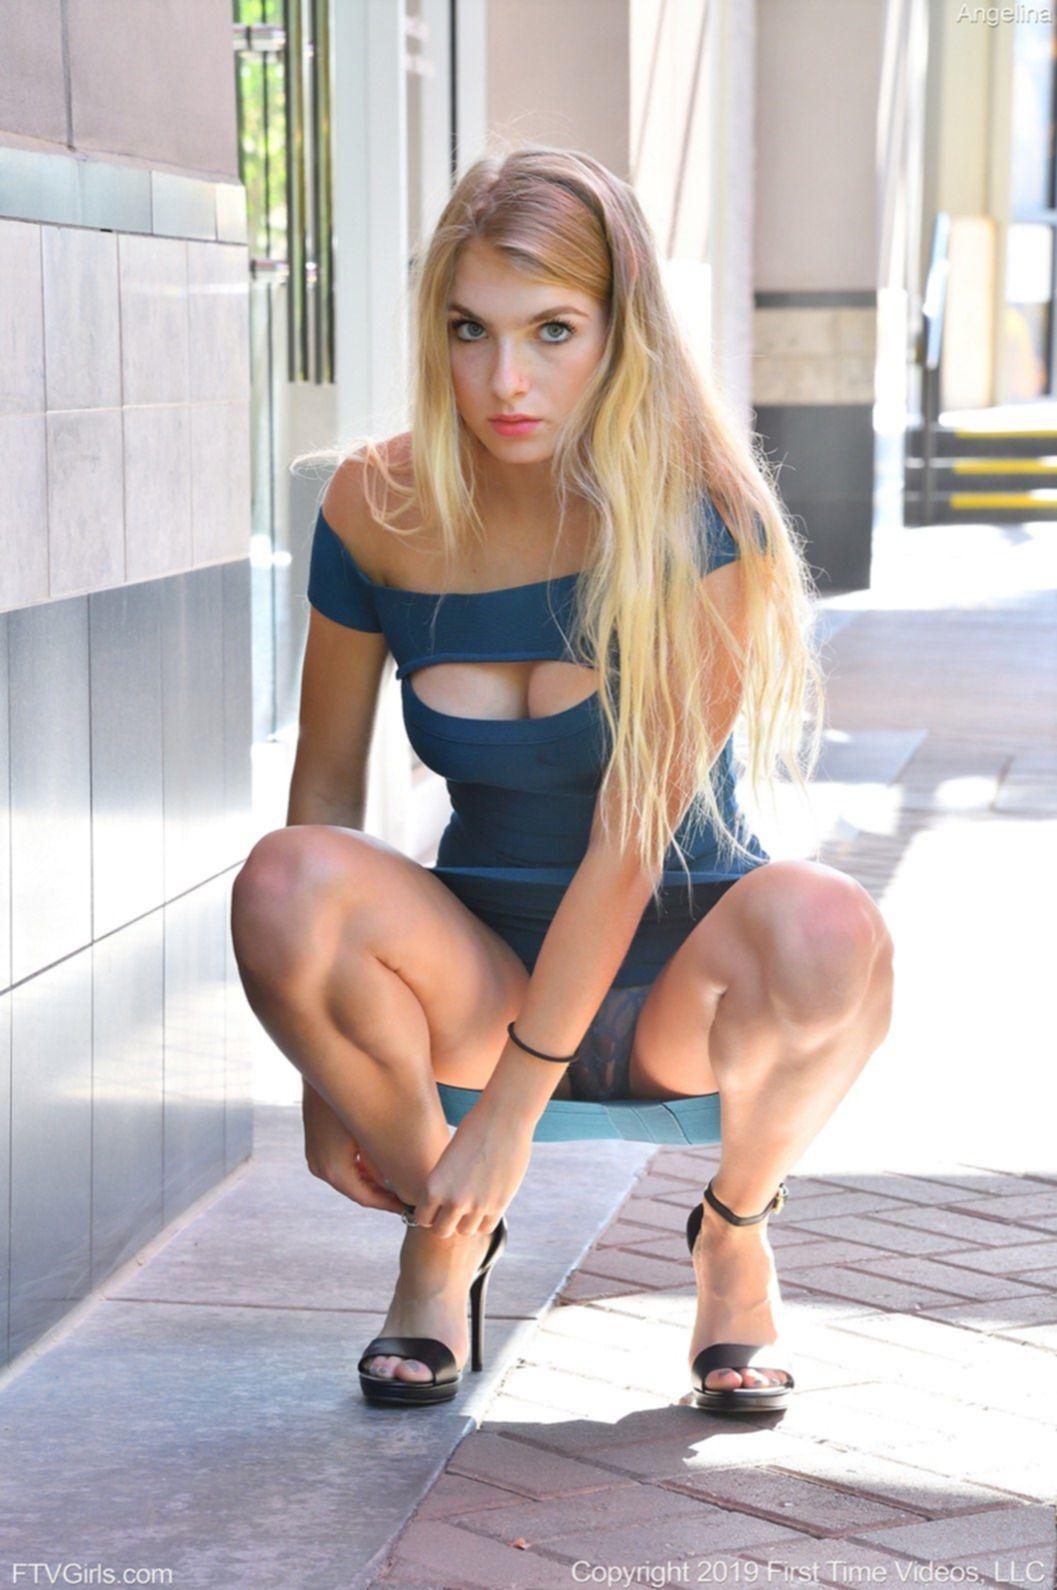 Голая девушка в босоножках на высоких шпильках - фото